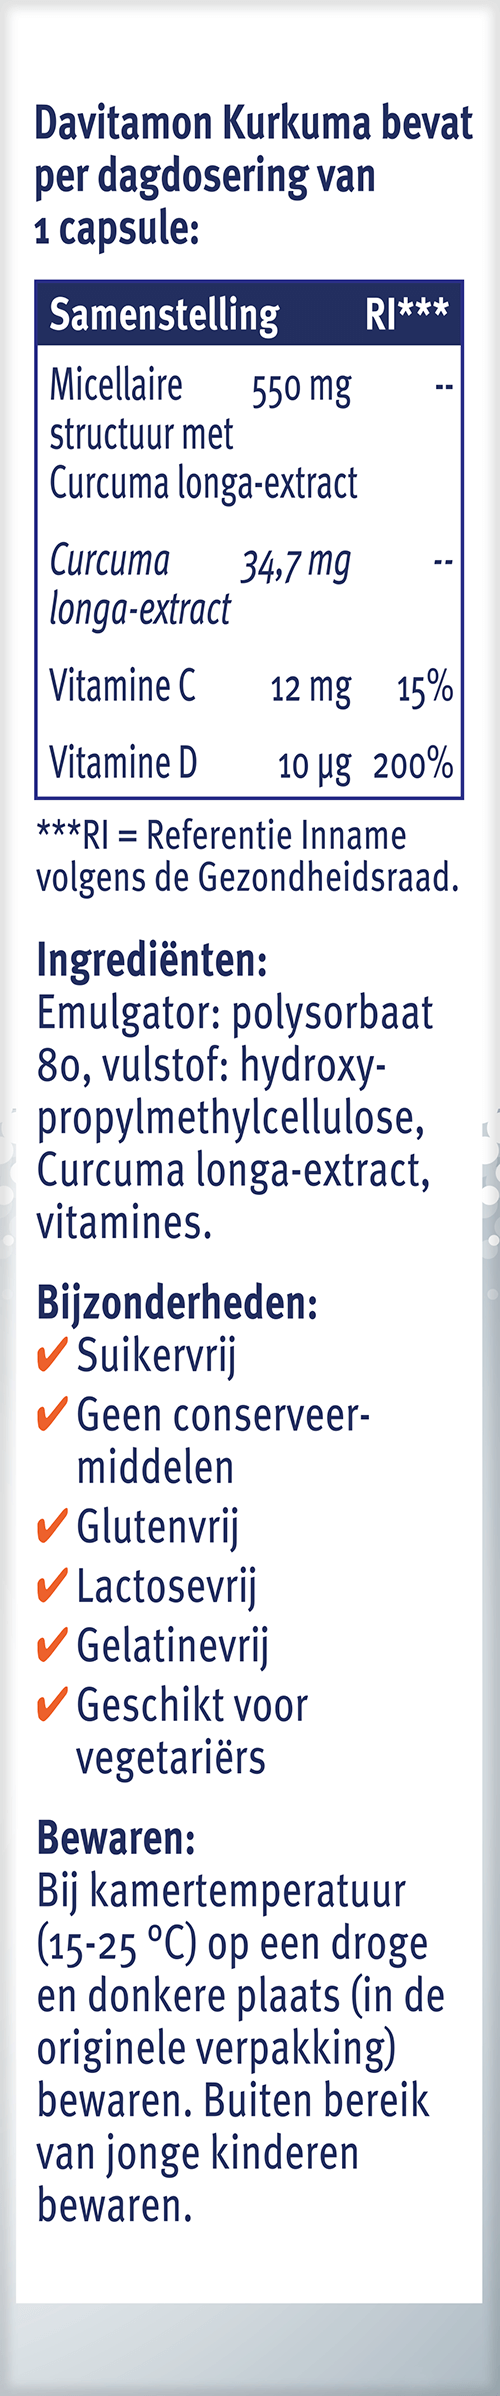 Davitamon Kurkuma Ingrediënten